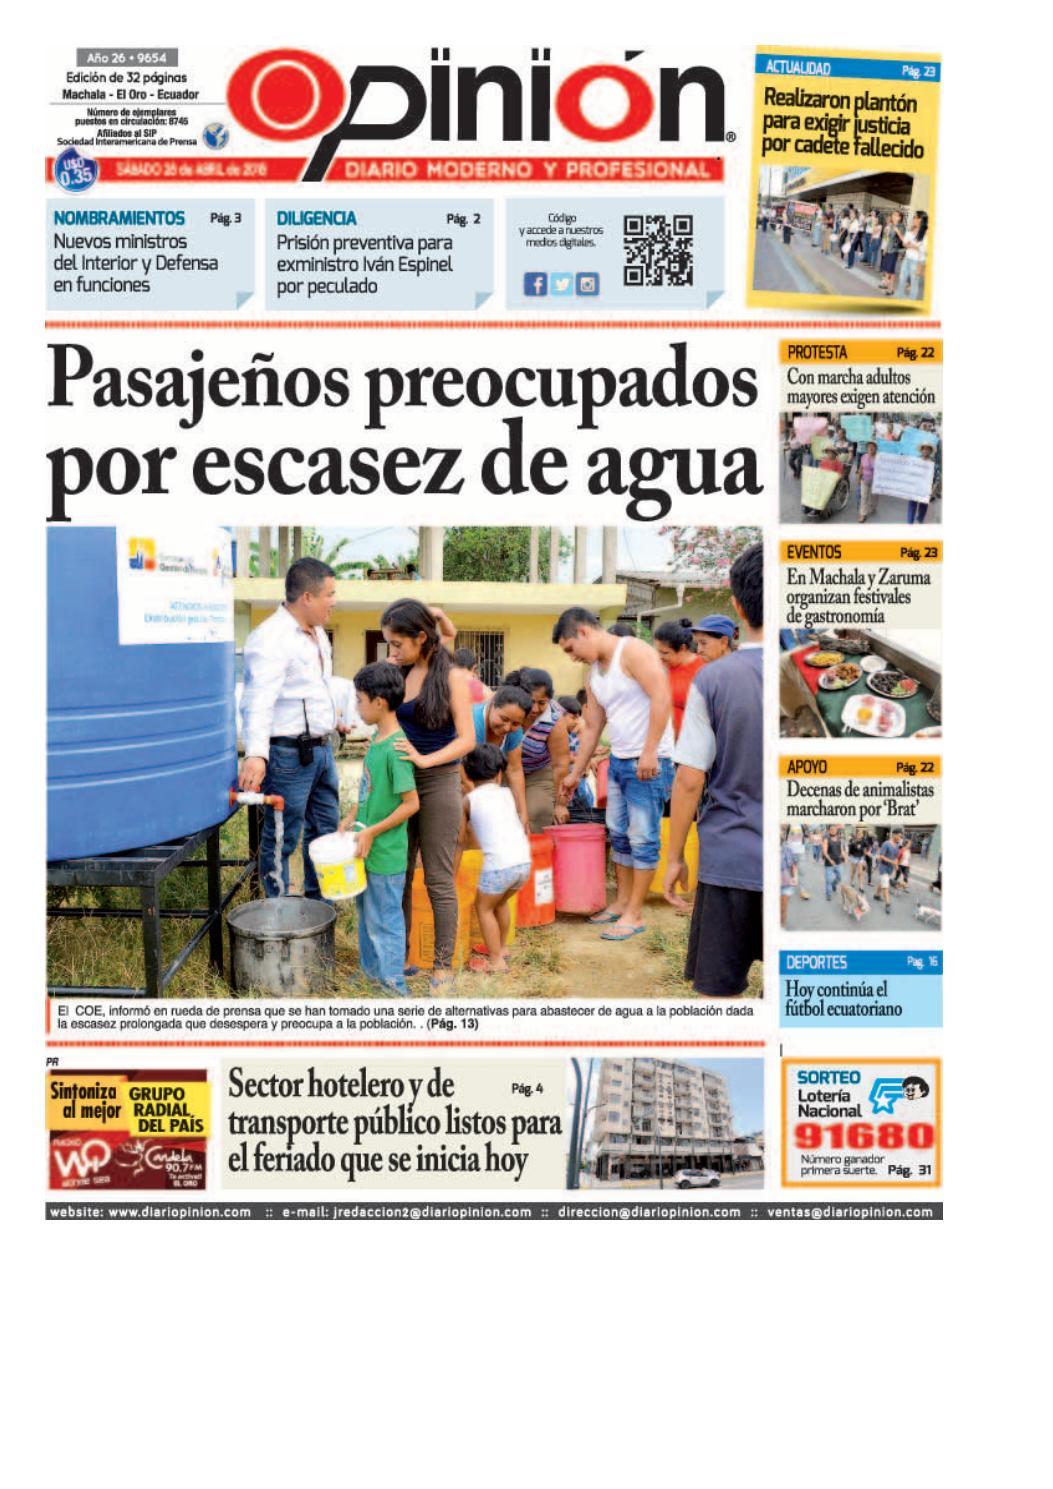 Asombroso Reanudar Ingeniero Civil Colección de Imágenes - Ejemplo ...